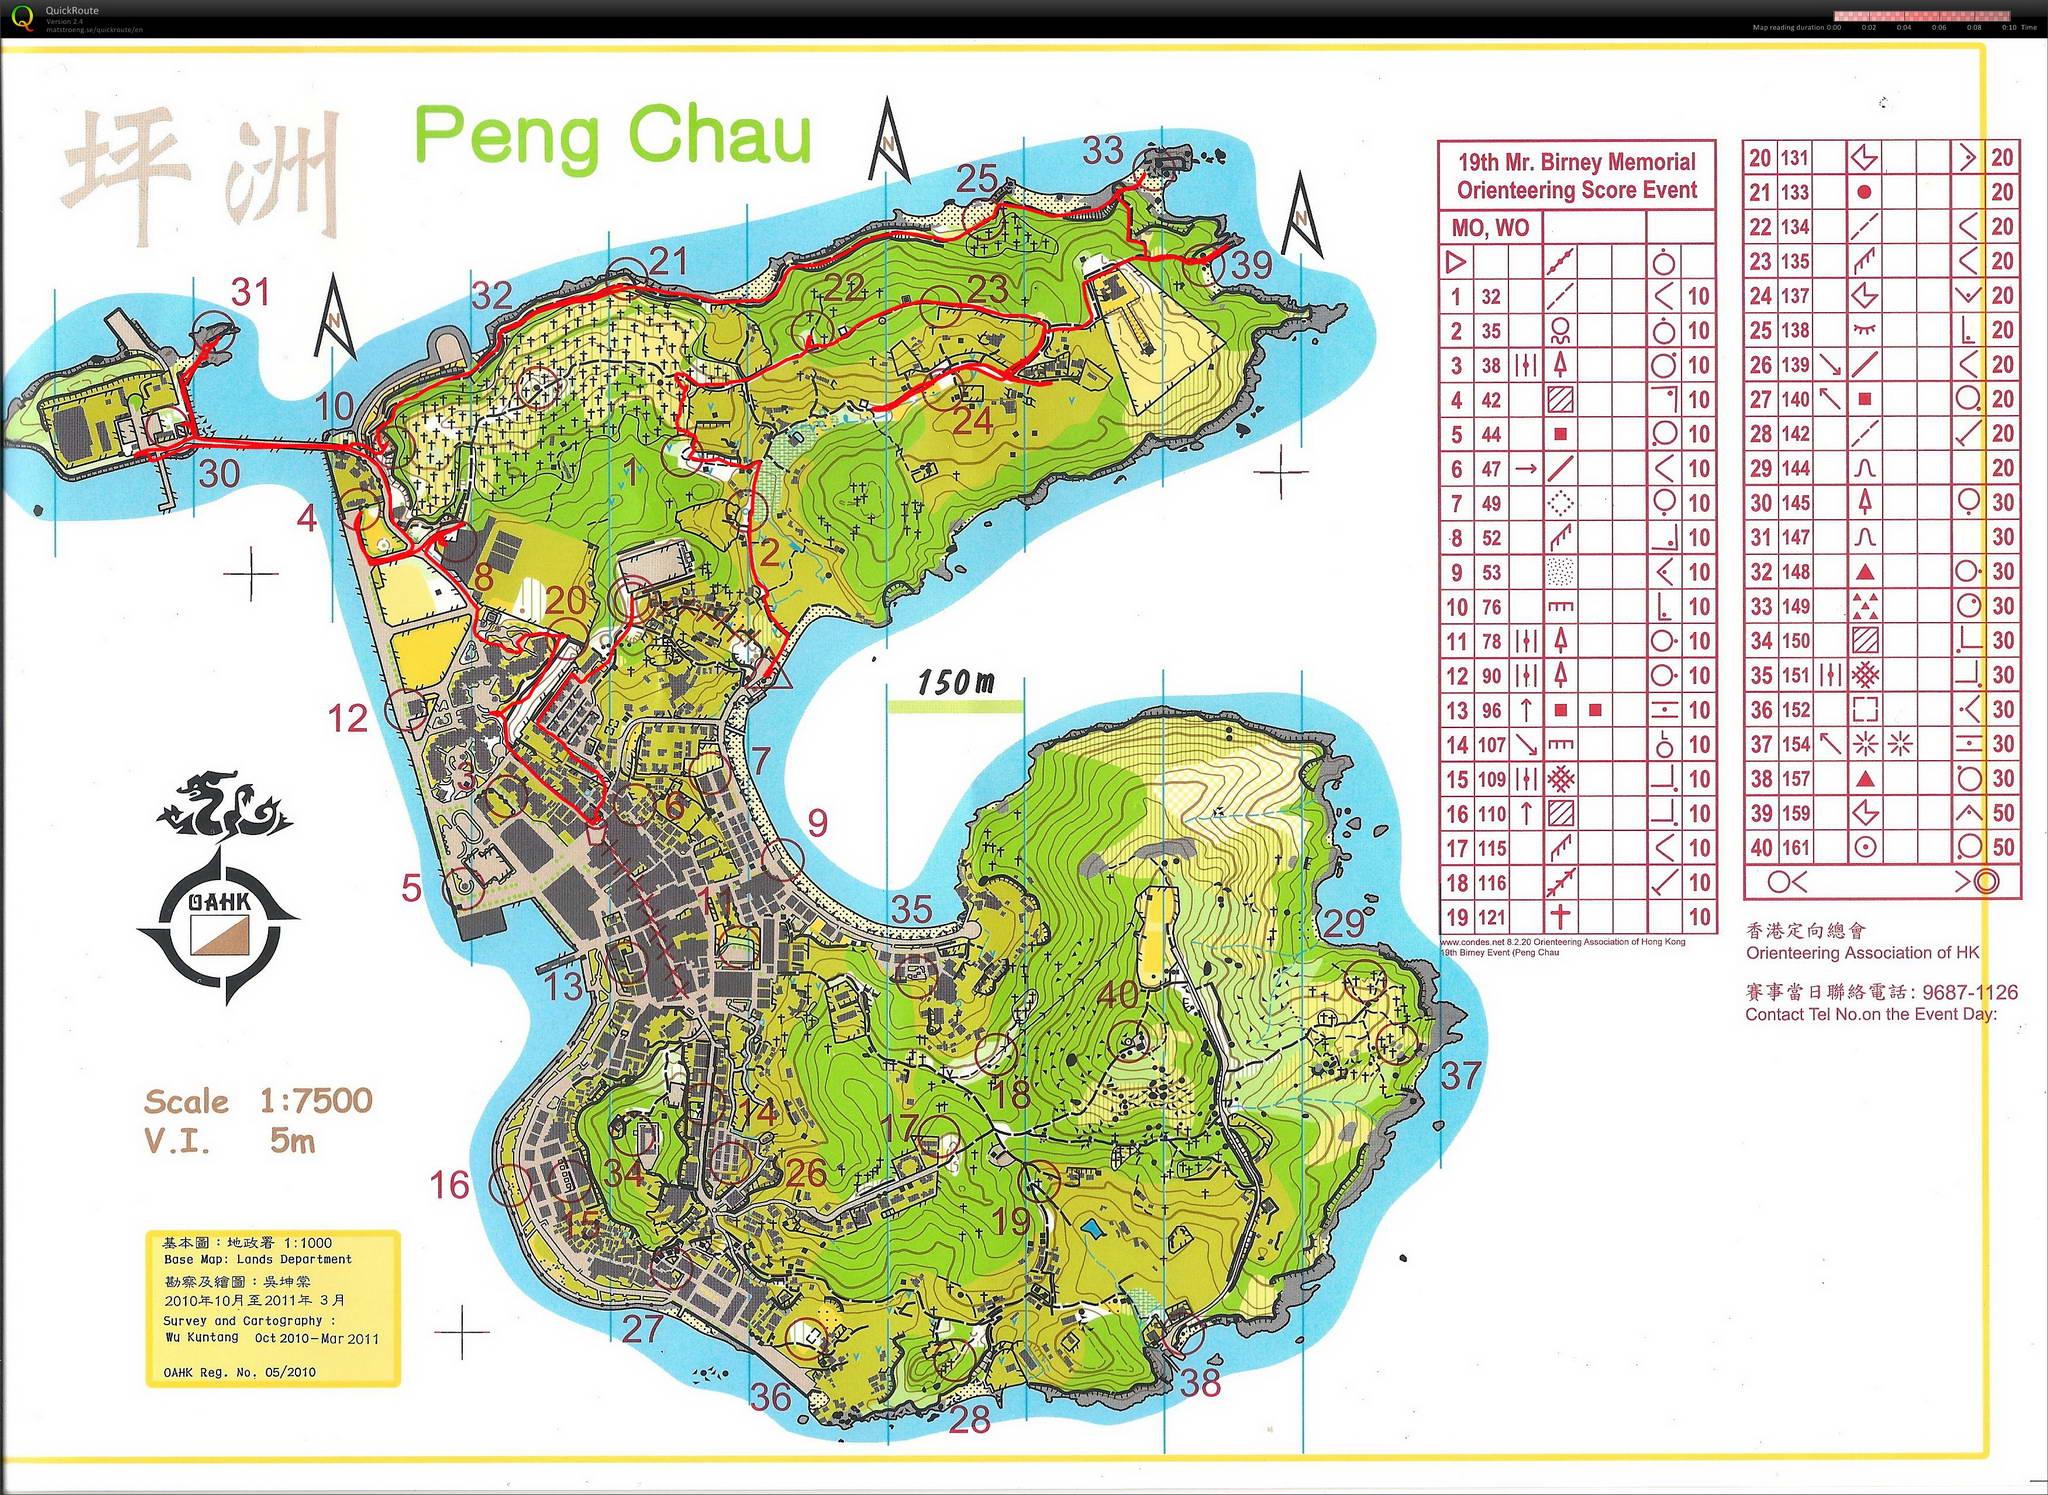 Peng Chau orienteering map